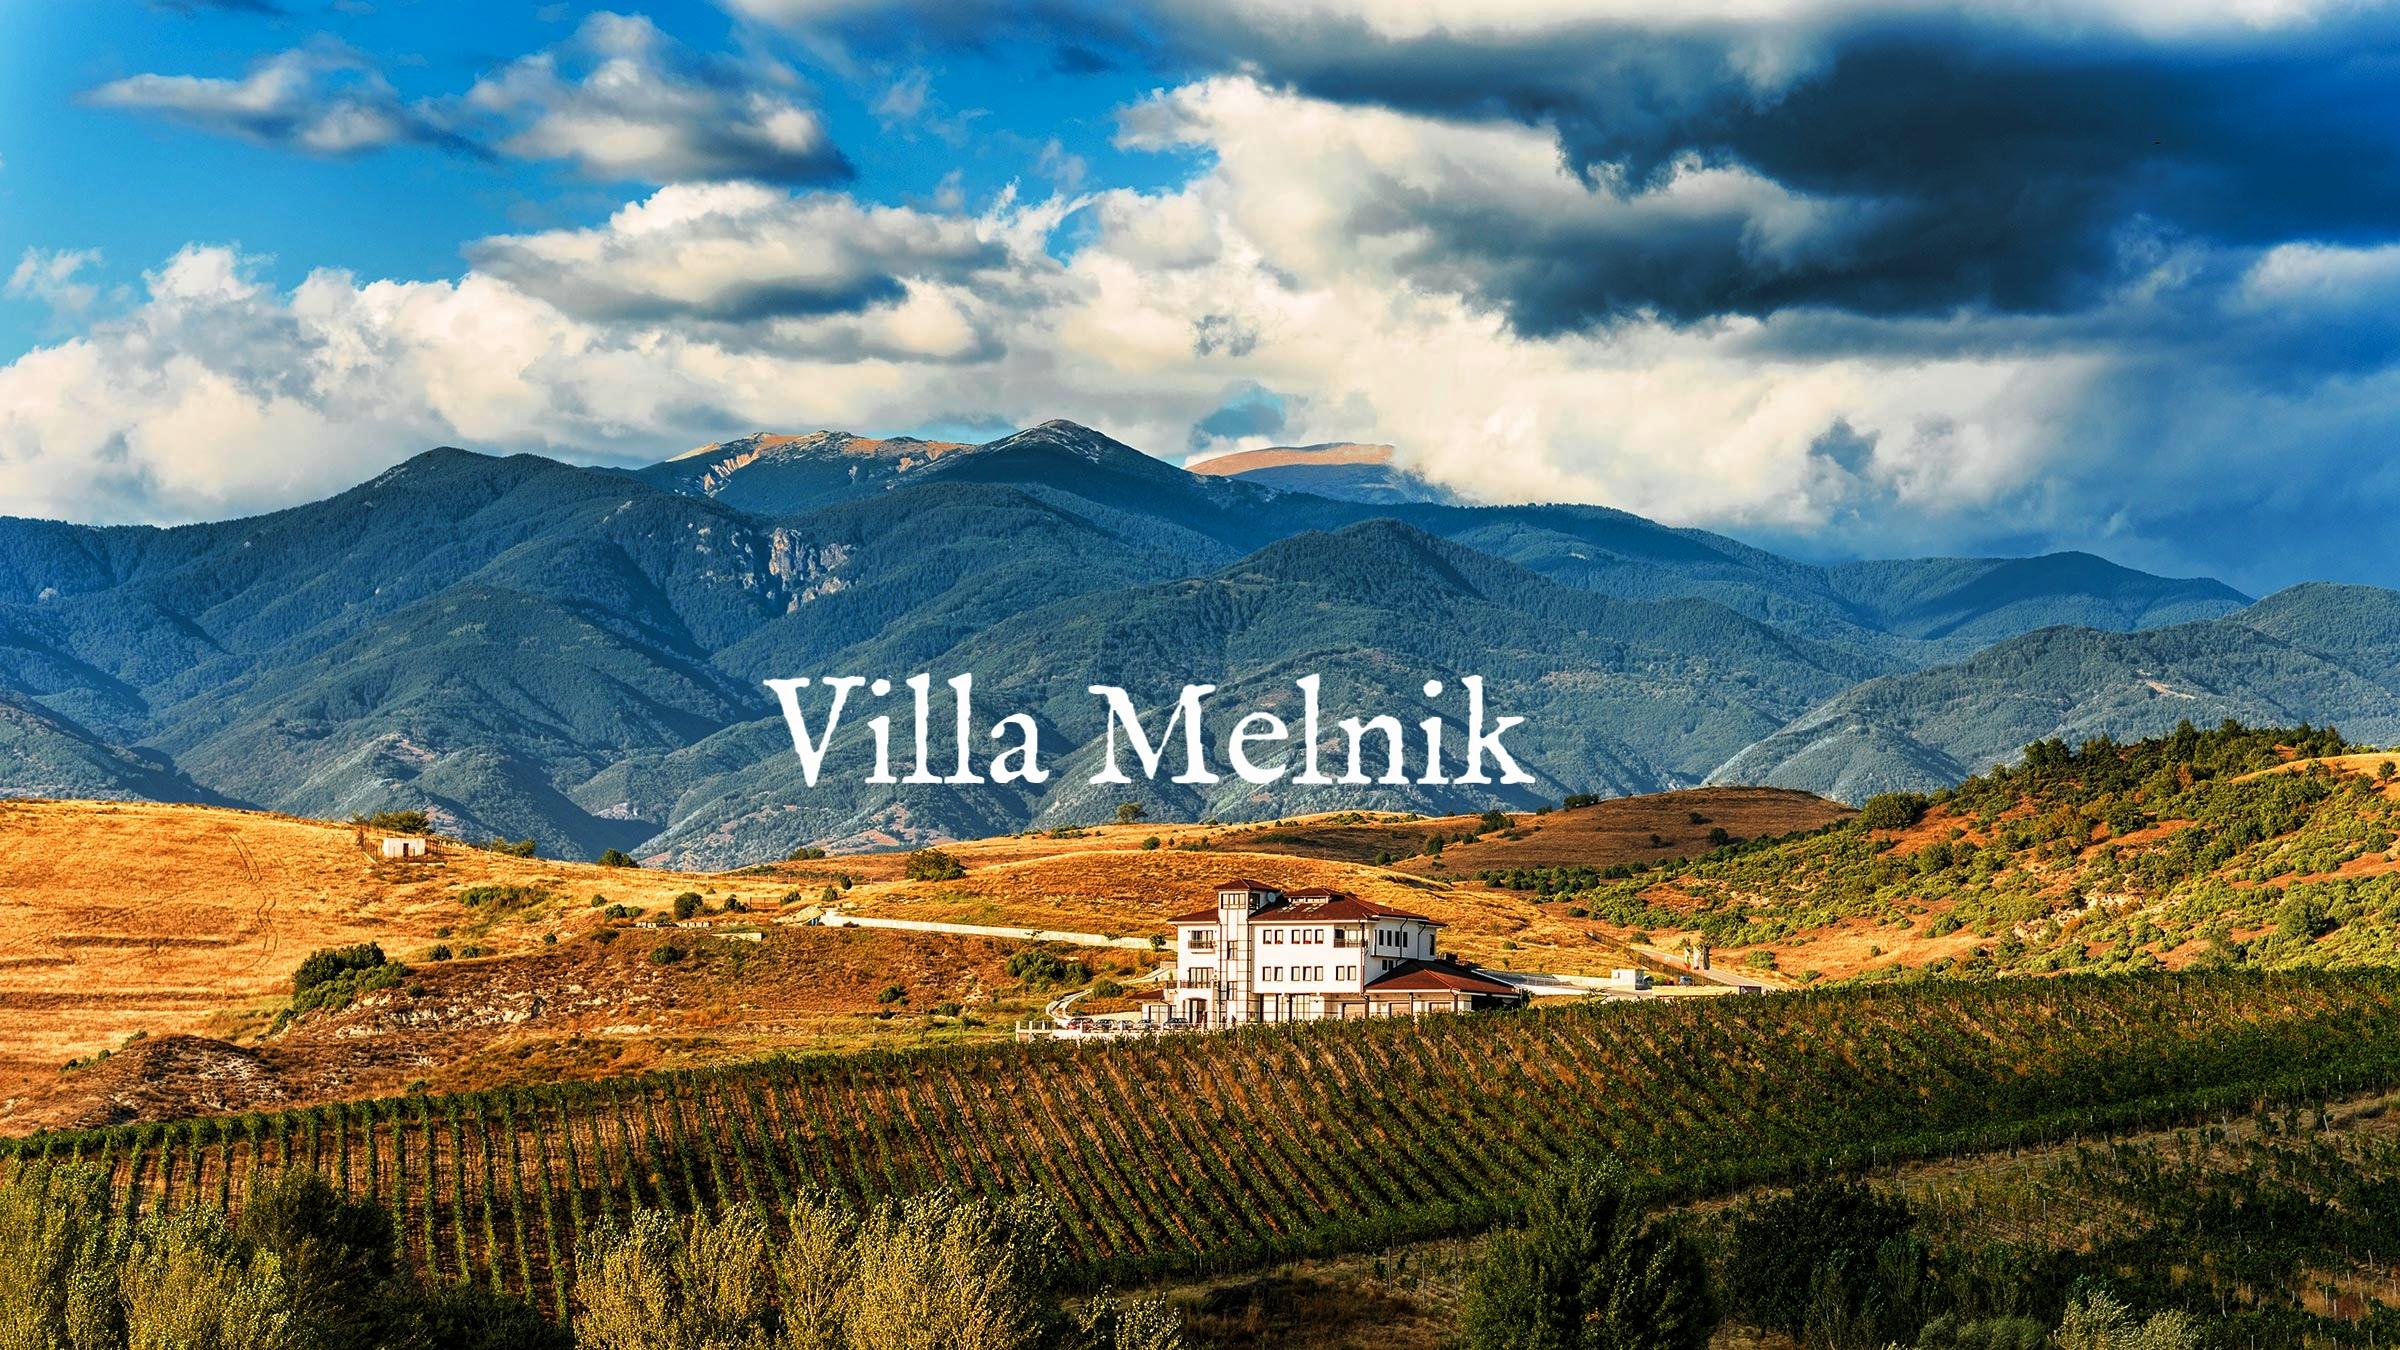 villa-melnik-front-3-1.jpg